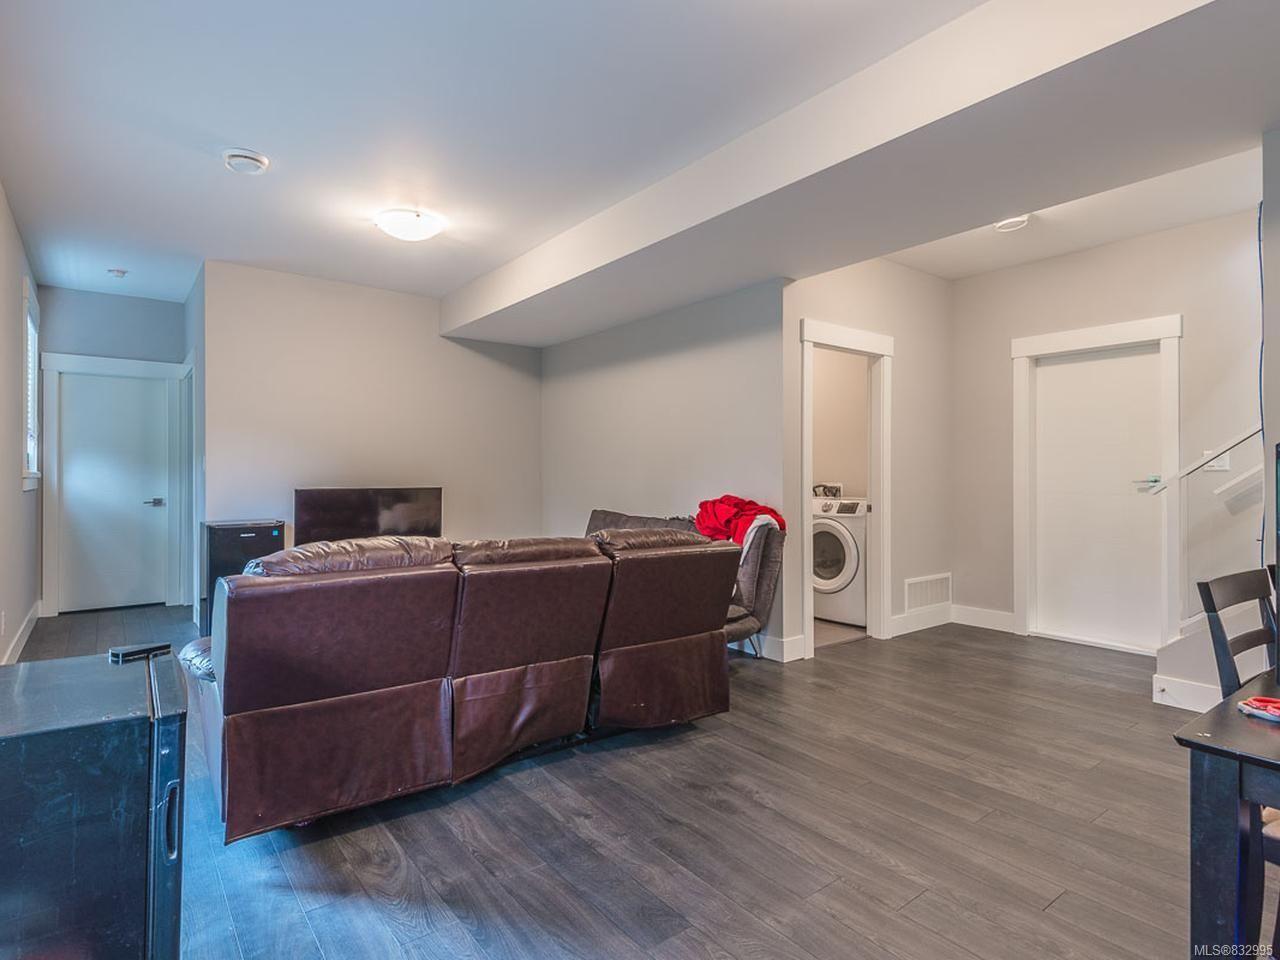 Photo 22: Photos: 5896 Linyard Rd in NANAIMO: Na North Nanaimo House for sale (Nanaimo)  : MLS®# 832995